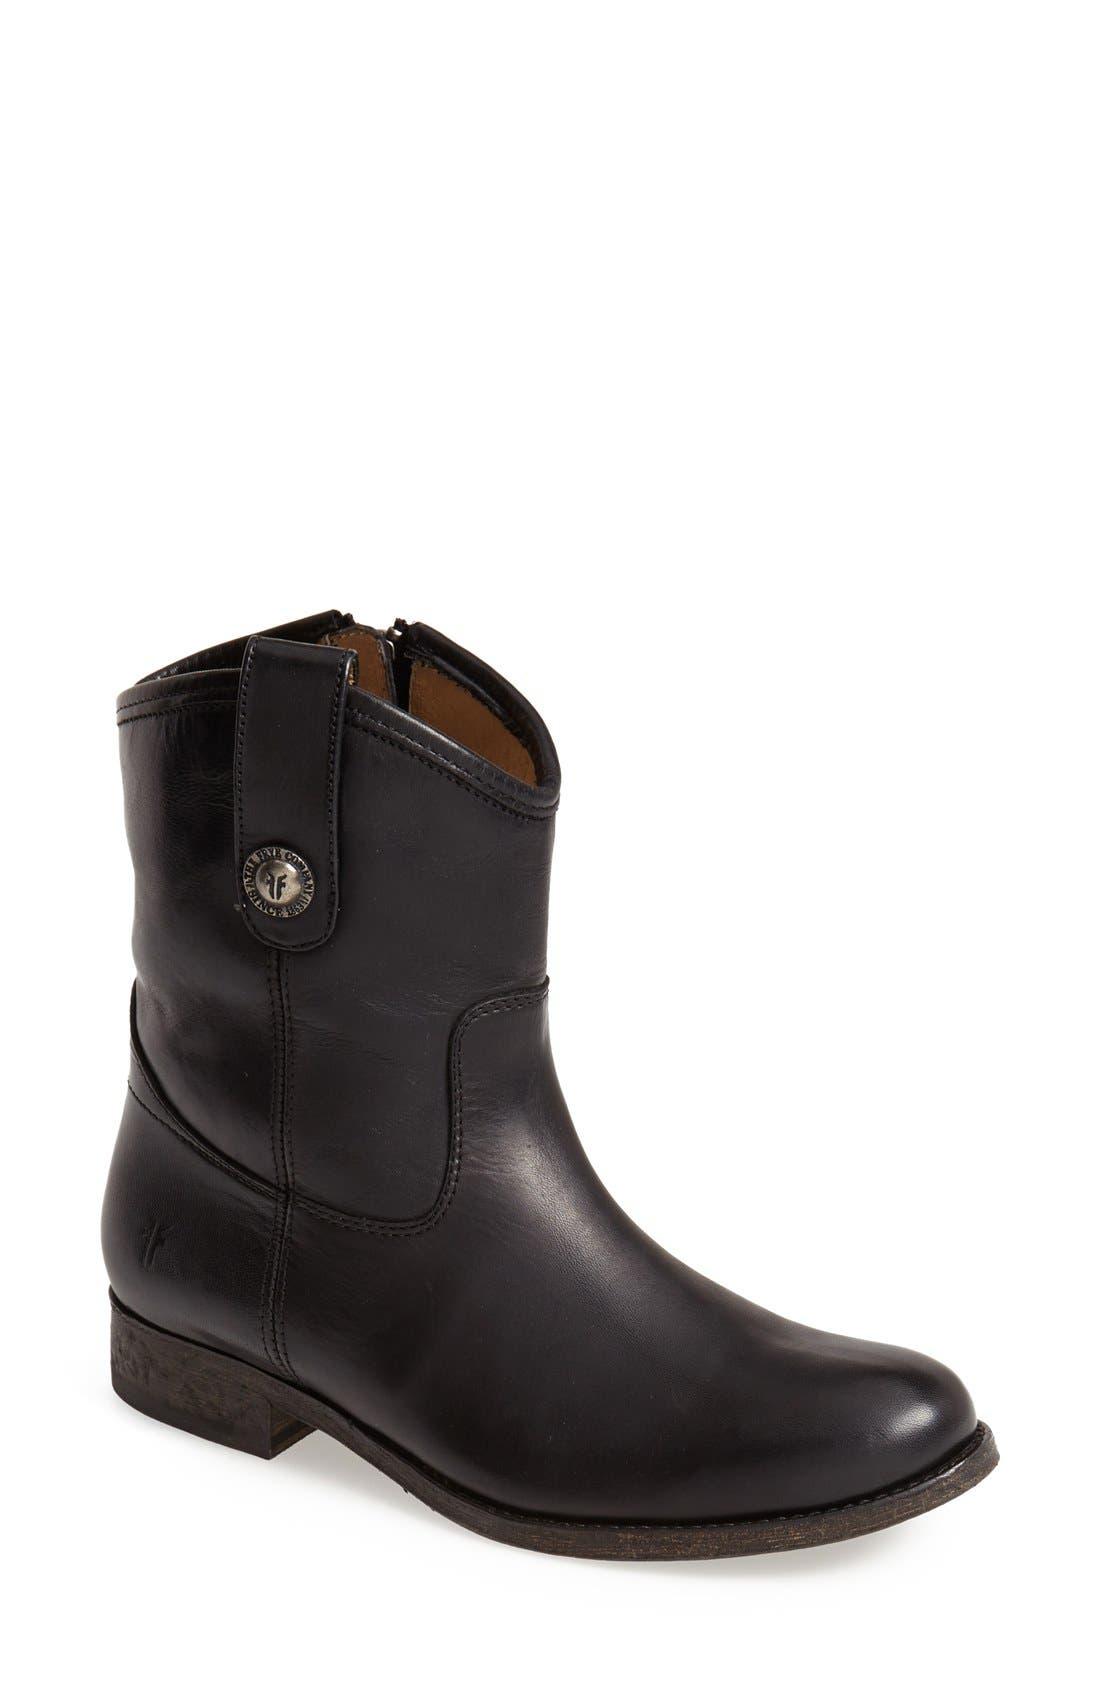 Main Image - Frye 'Melissa Button' Short Boot (Women)